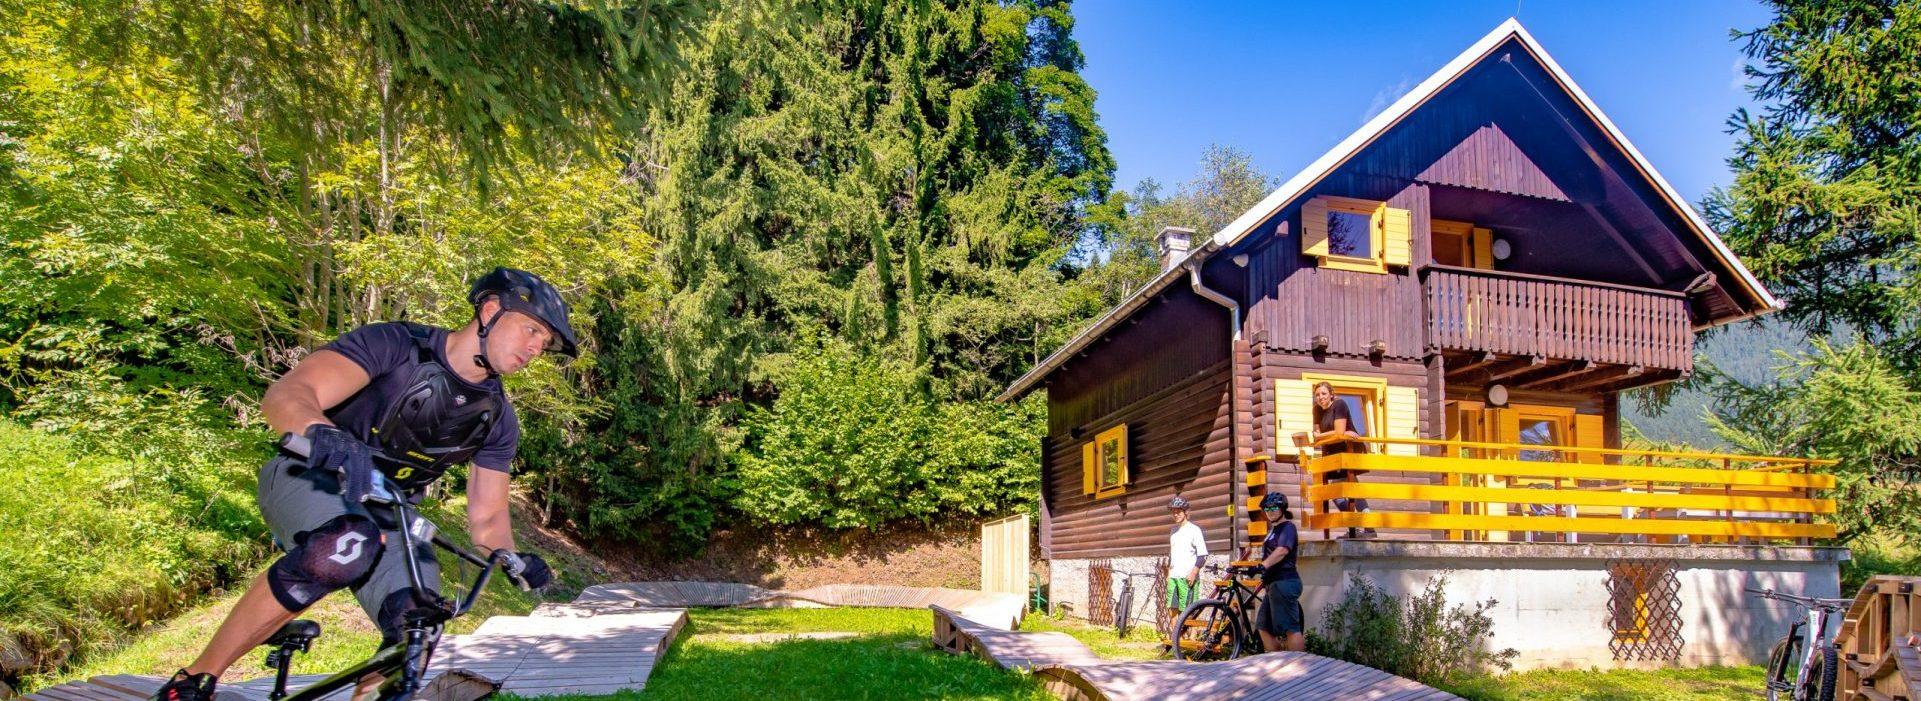 Gorsko-kolesarska koča / MTB hut